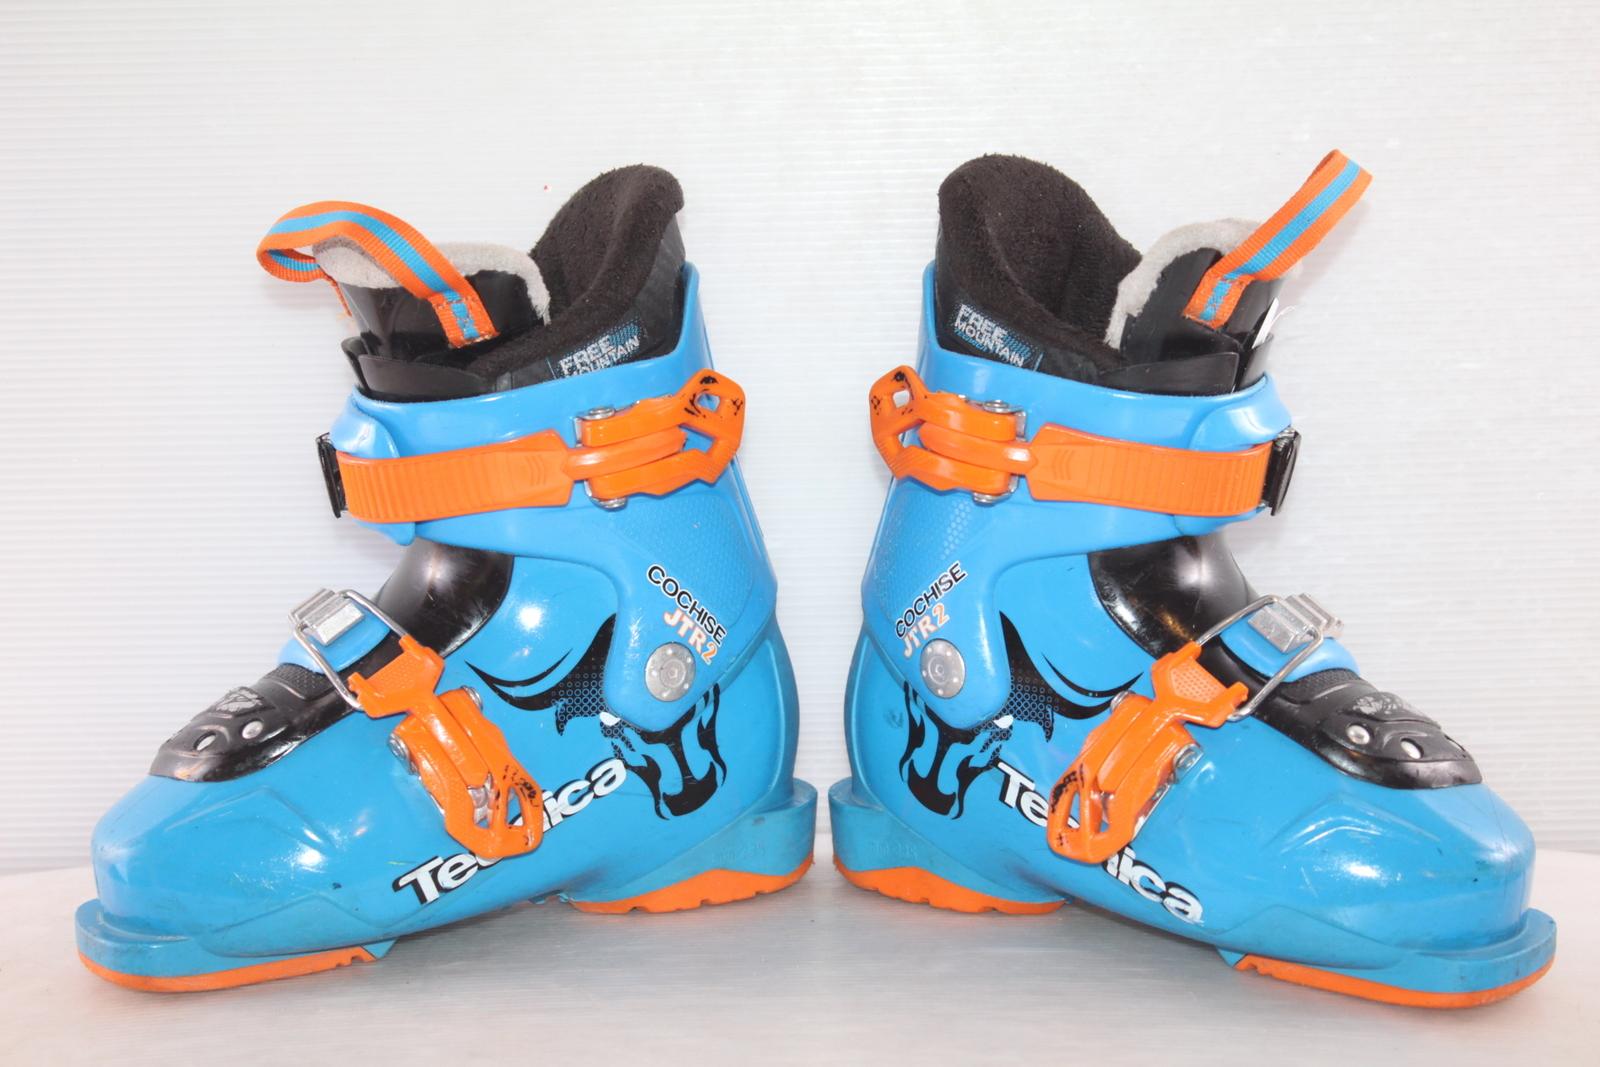 Dětské lyžáky Tecnica Cochise JT 2 R vel. EU29